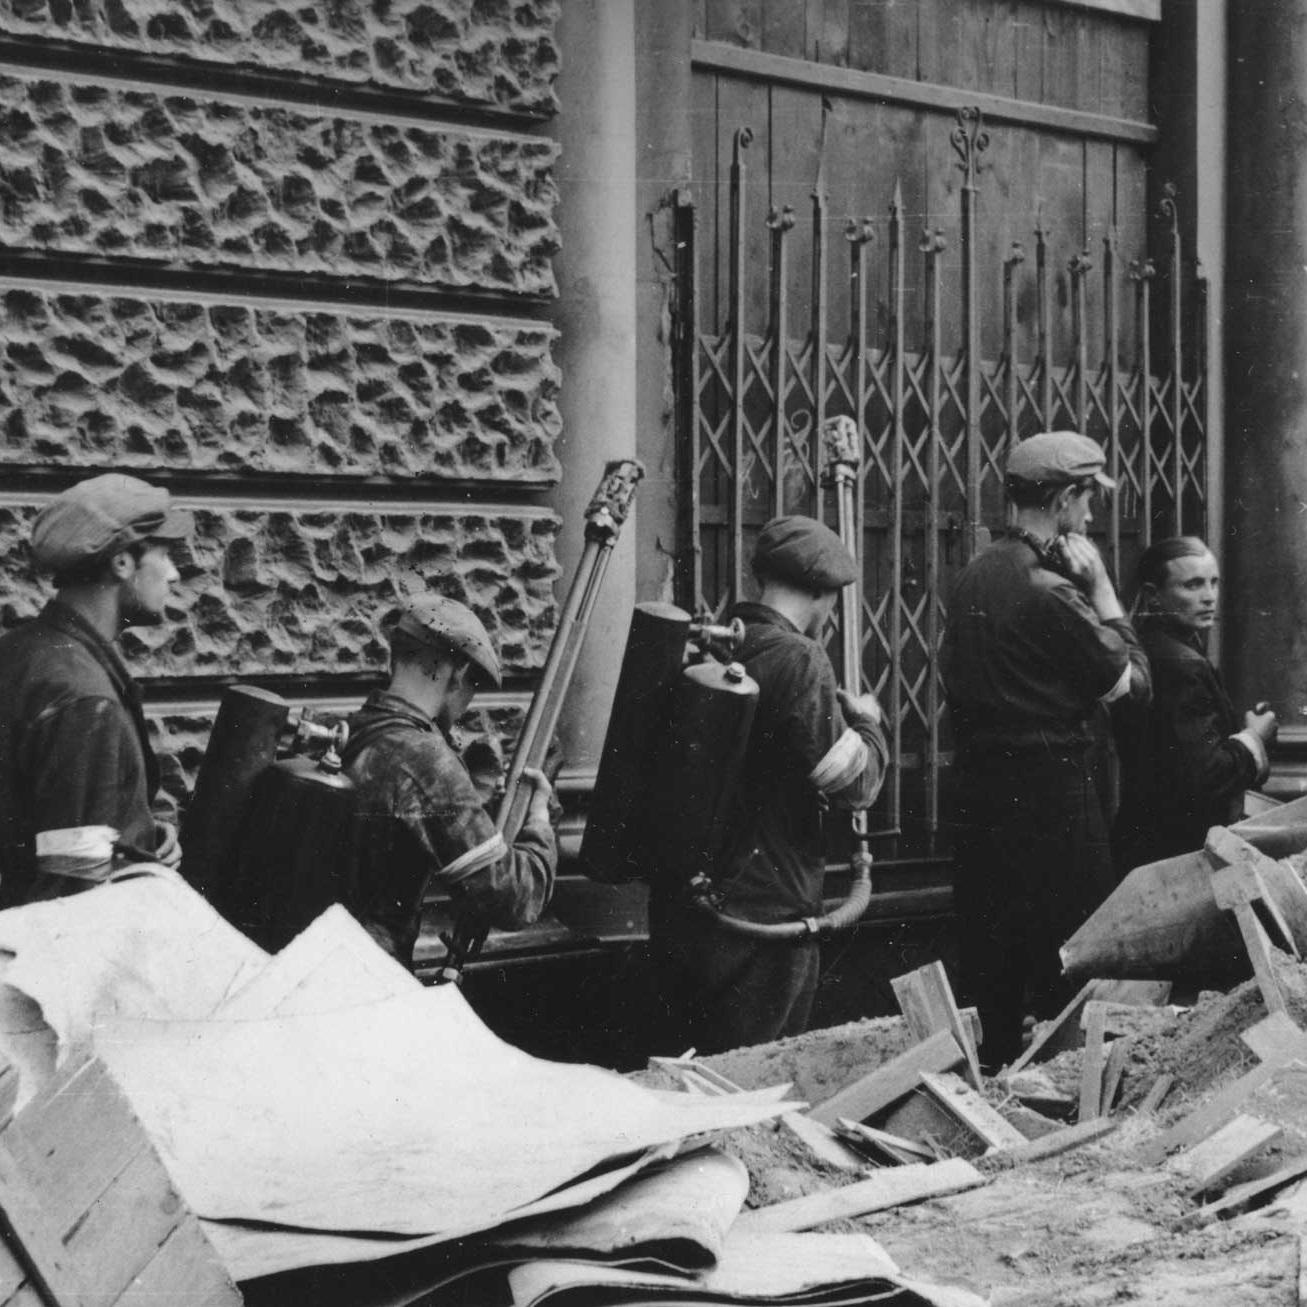 Batalia o pomoc dla polskich powstańców trwała od początku zrywu.